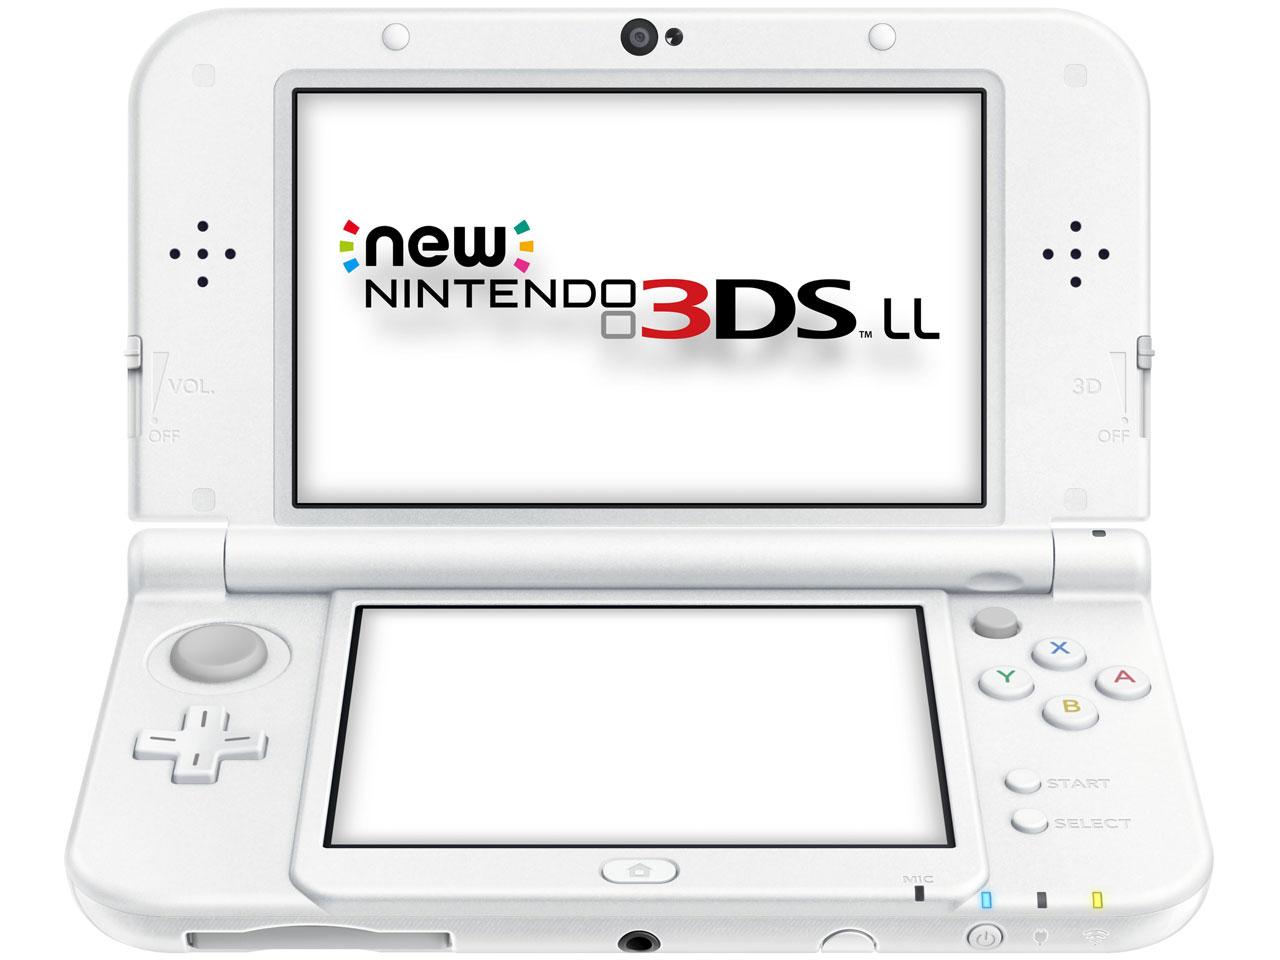 『本体2』 Newニンテンドー3DS LL パールホワイト の製品画像